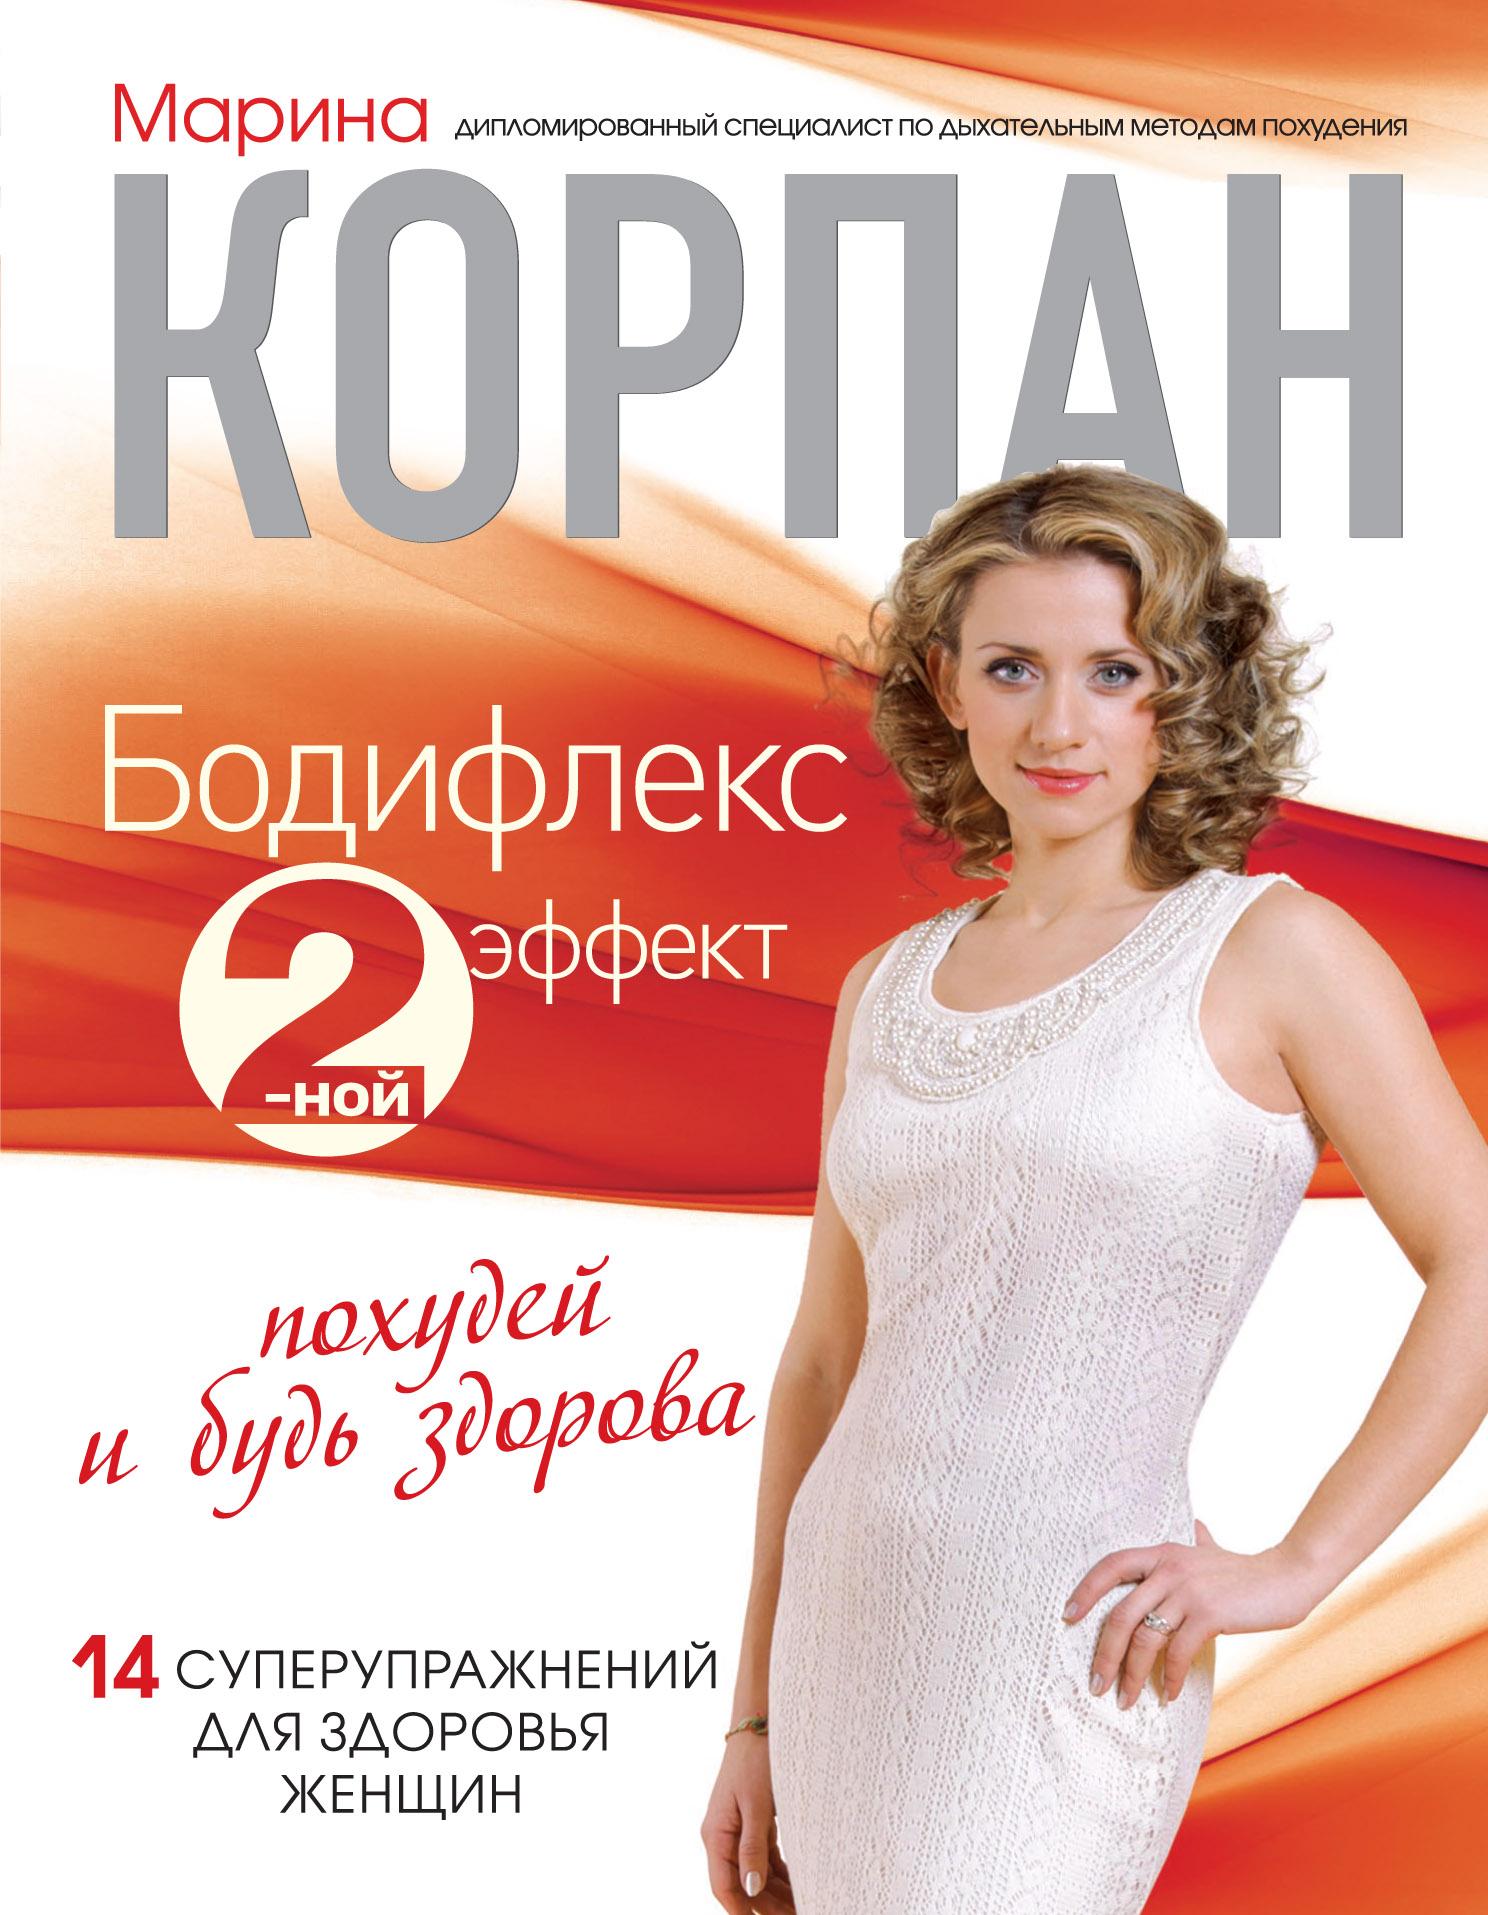 Марина Корпан Бодифлекс 2-ной эффект: похудей и будь здорова бф